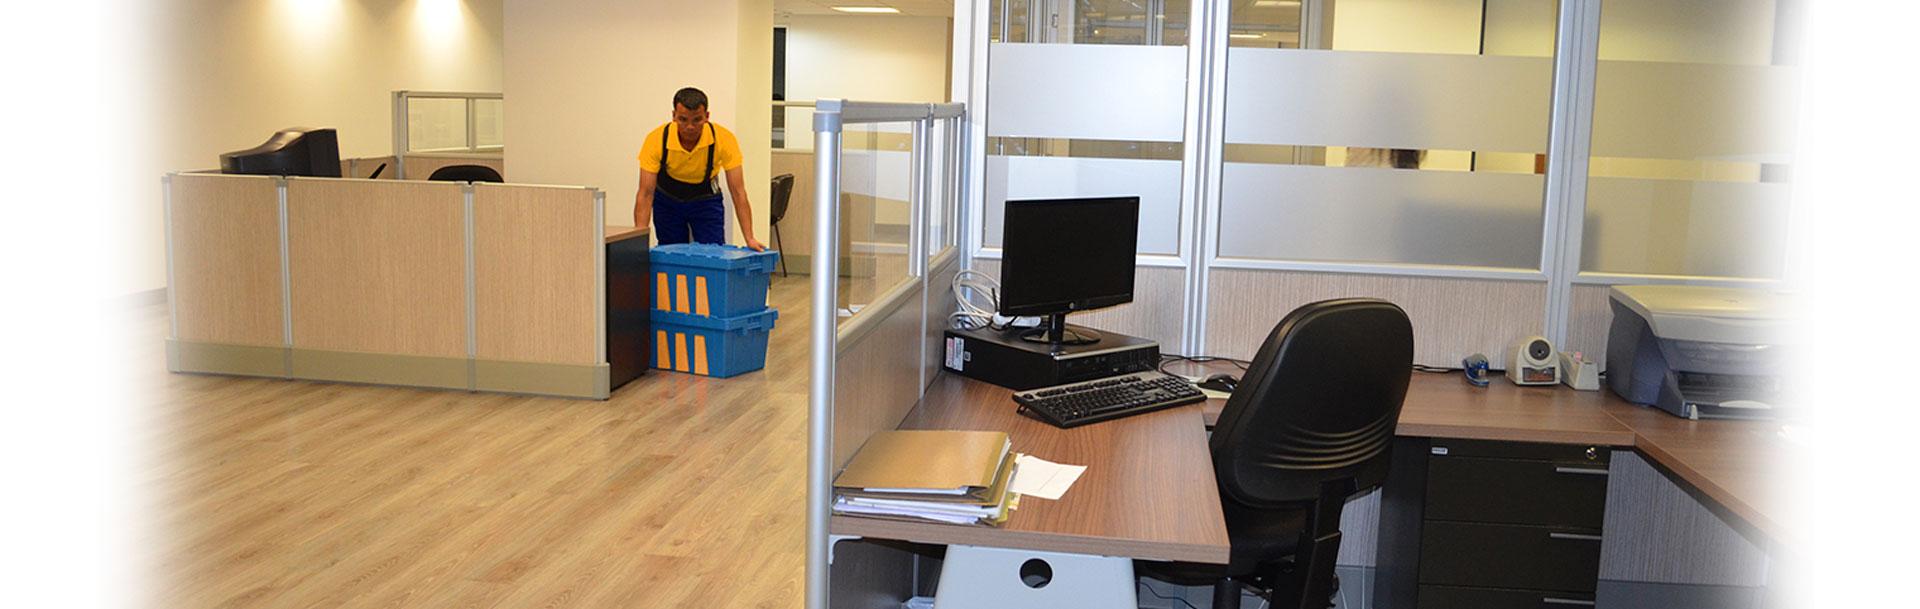 Mudanzas de oficinas empresariales y corporativas for Mudanzas de oficinas